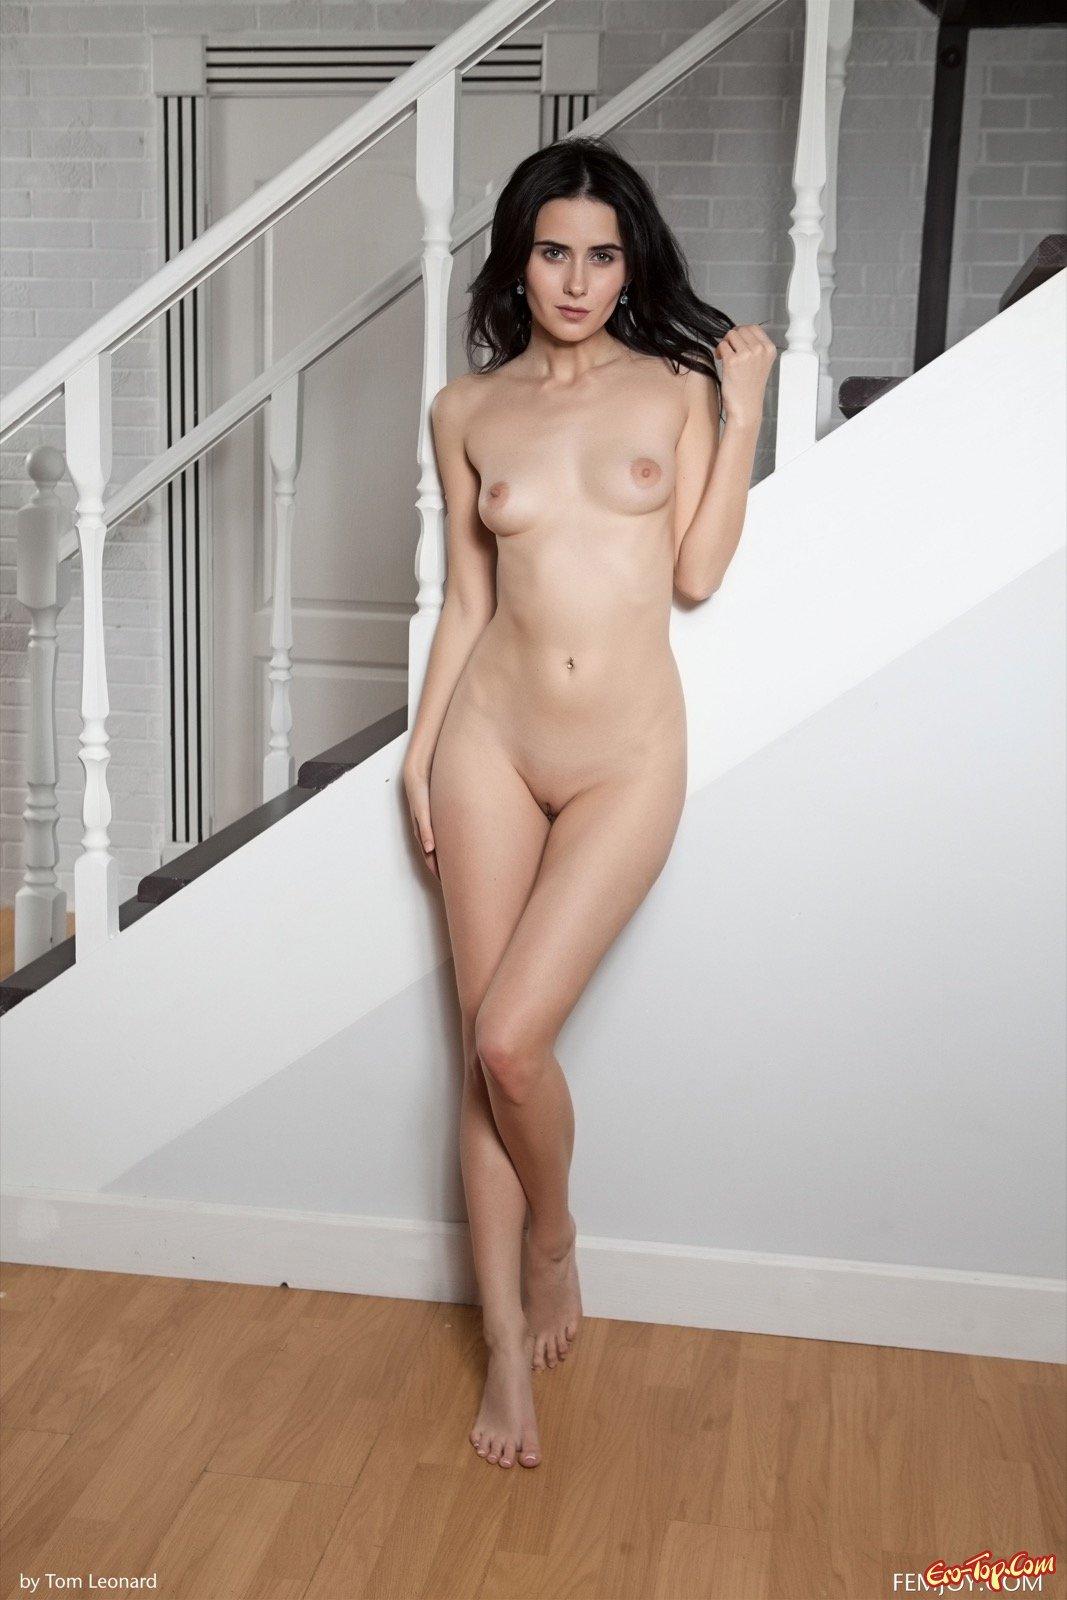 Хорошенькая шатенка снимает белье и снимается на ступенях